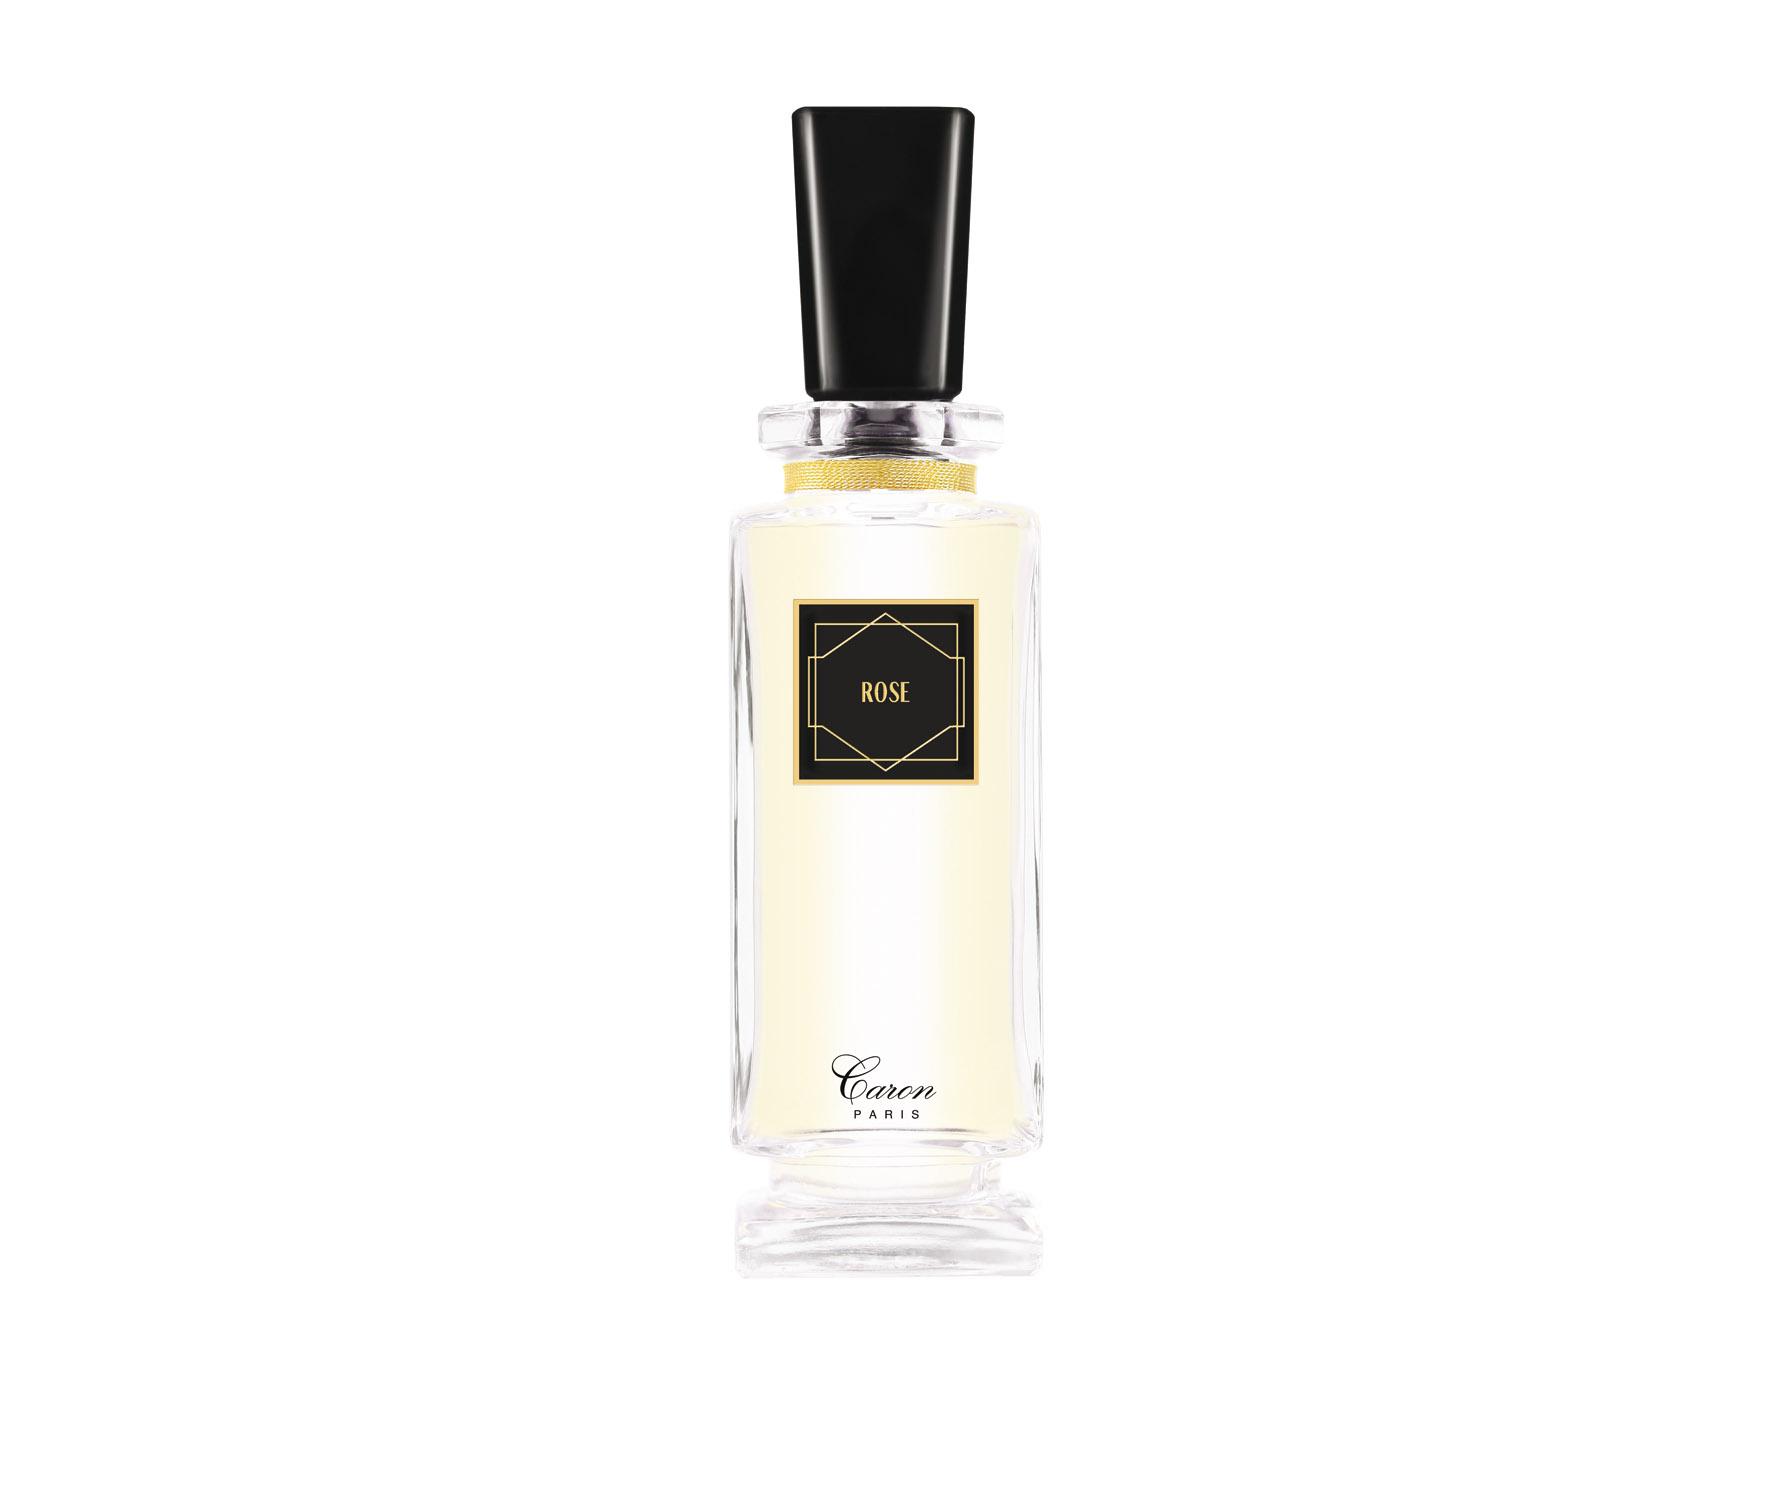 7-Caron-Rose-Profumi-Femminili-di-lusso-Collection-Privee-Distributore-Dispar-SpA.jpg